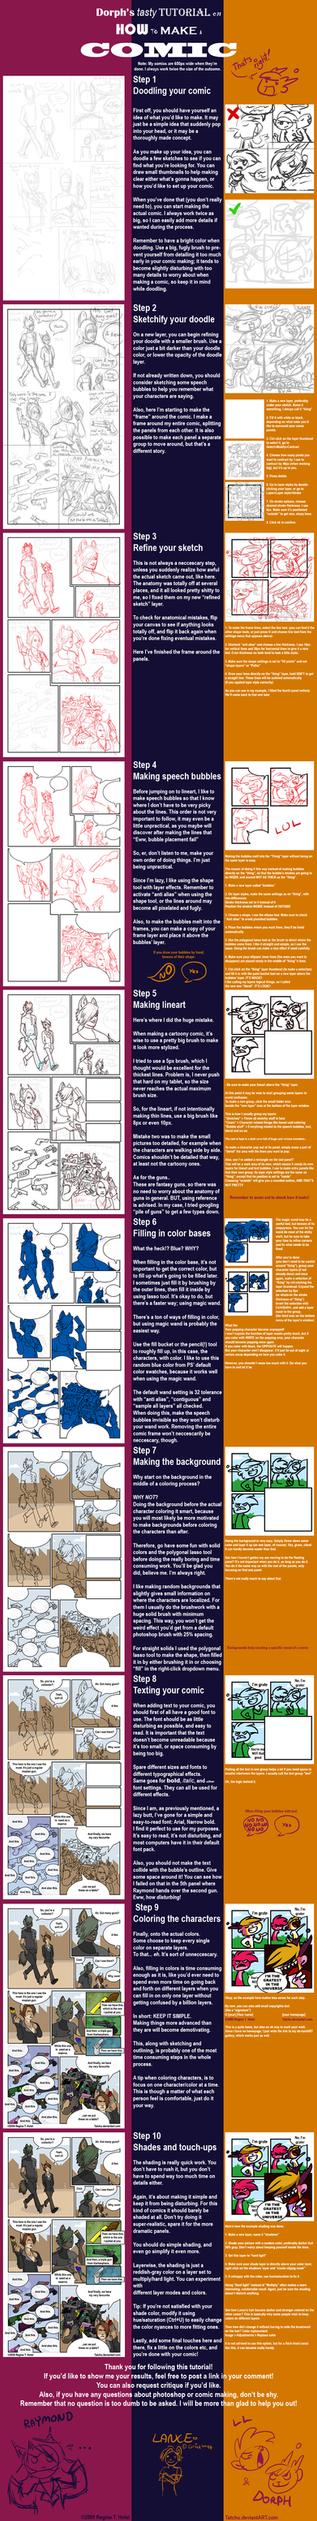 Comic tutorial by Tatchu